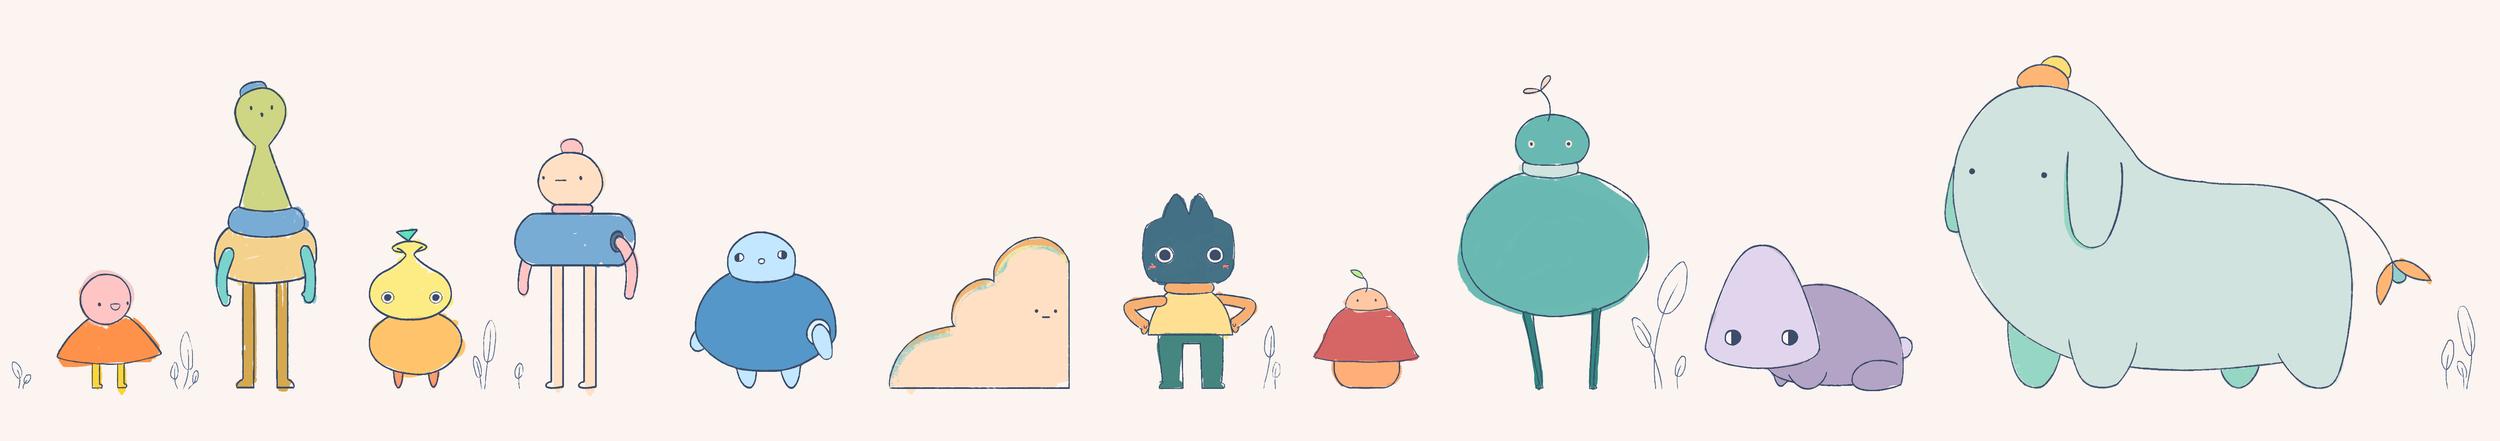 2-CharacterColored_Sheet_v002.png